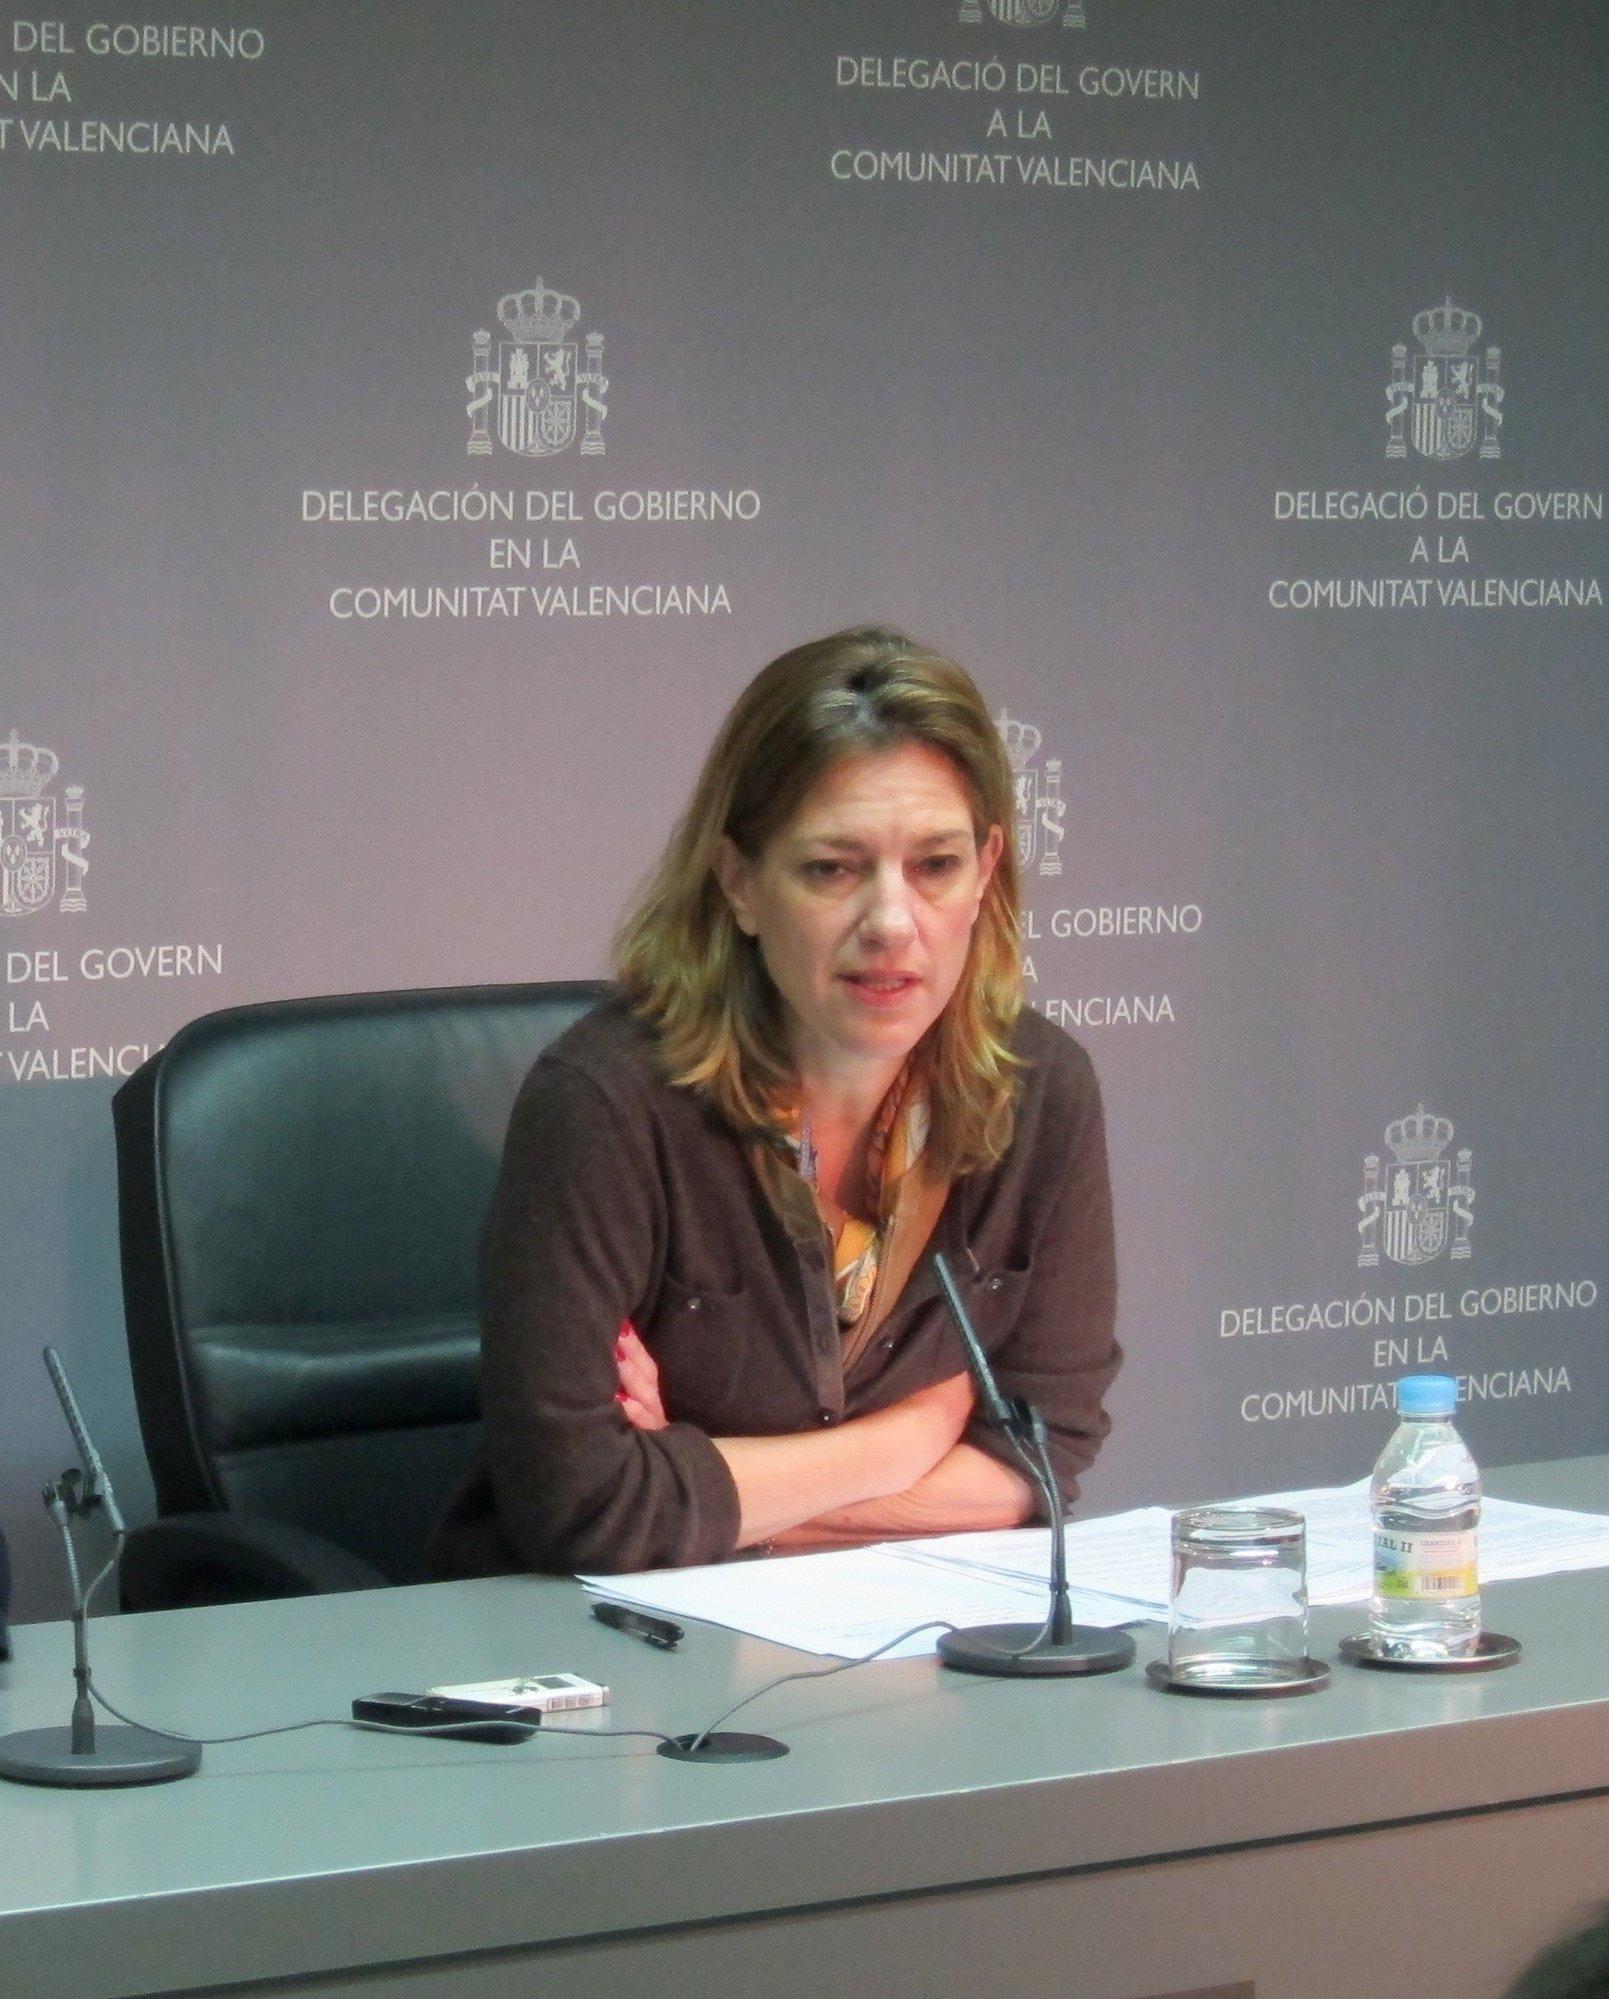 Sánchez de León dice que los presupuestos son «restrictivos» para poder hacer frente «a la herencia recibida»